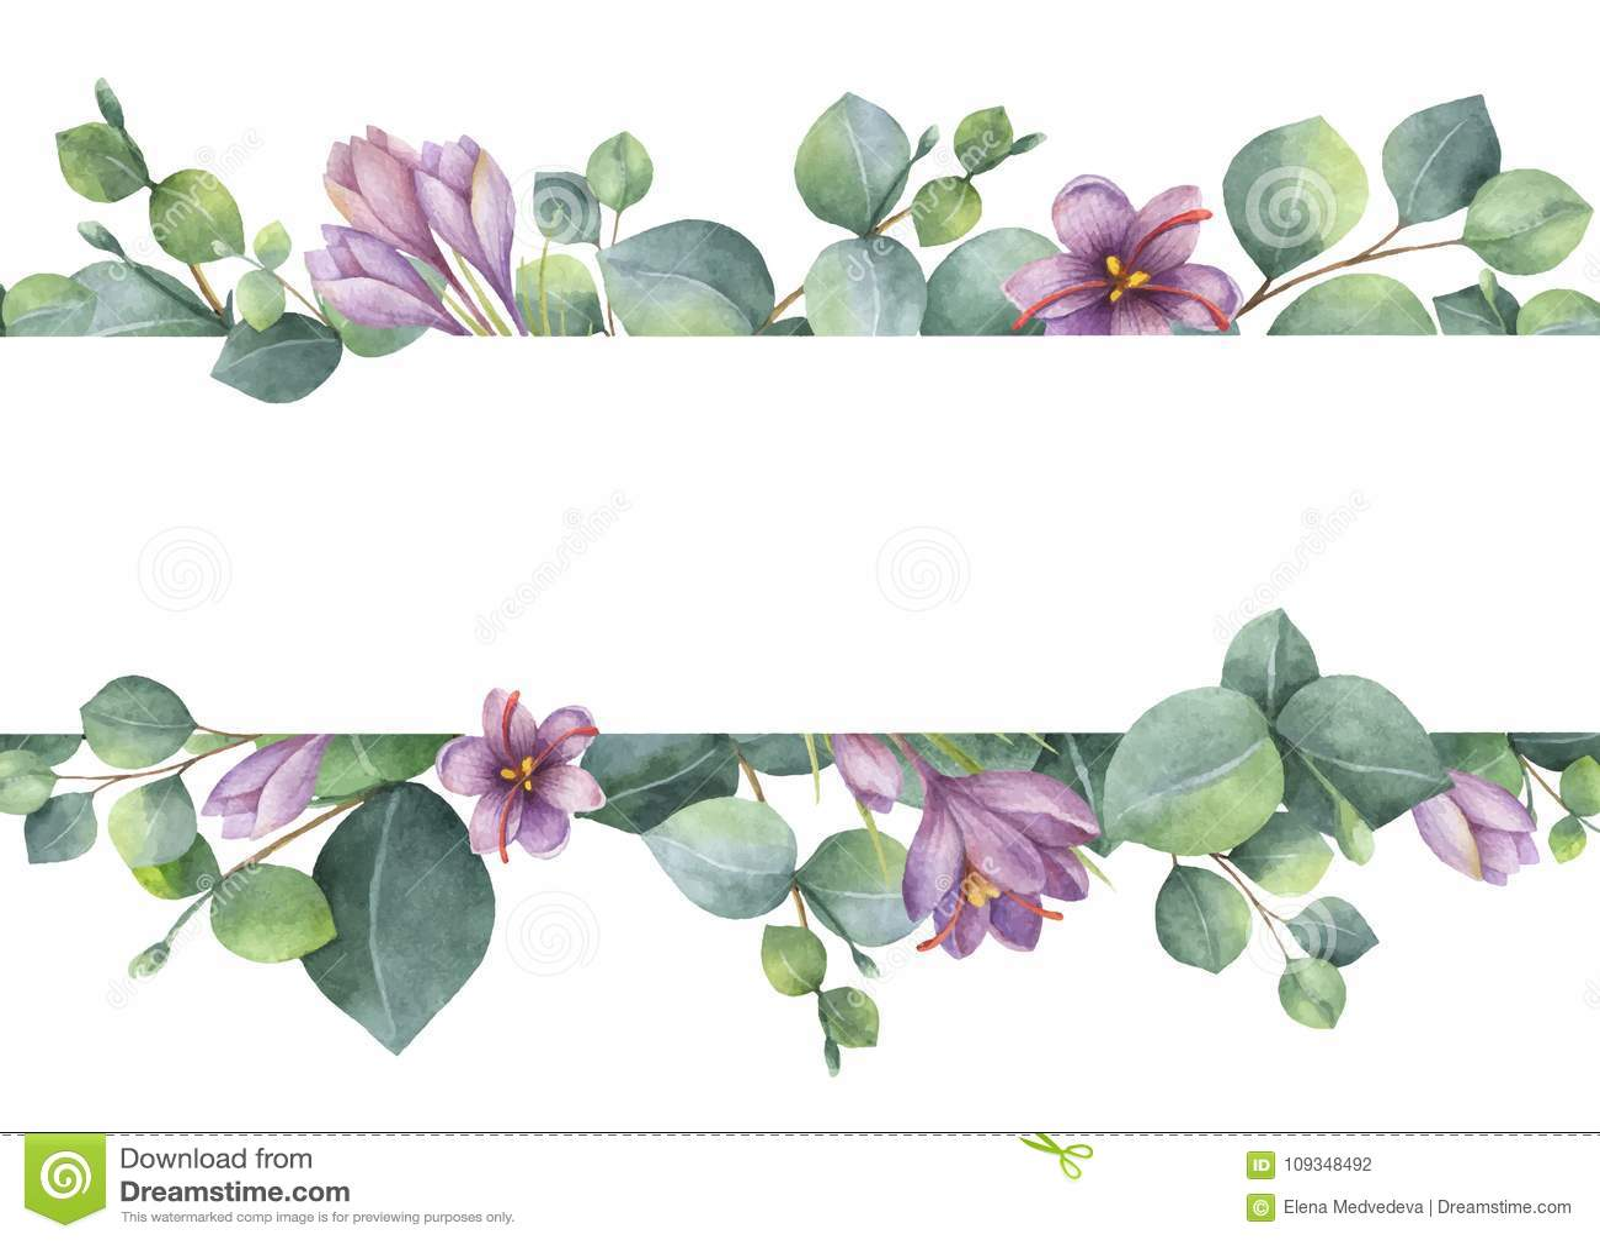 Венок вектора акварели с зелеными листьями евкалипта, фиолетовыми цветками и ветвями